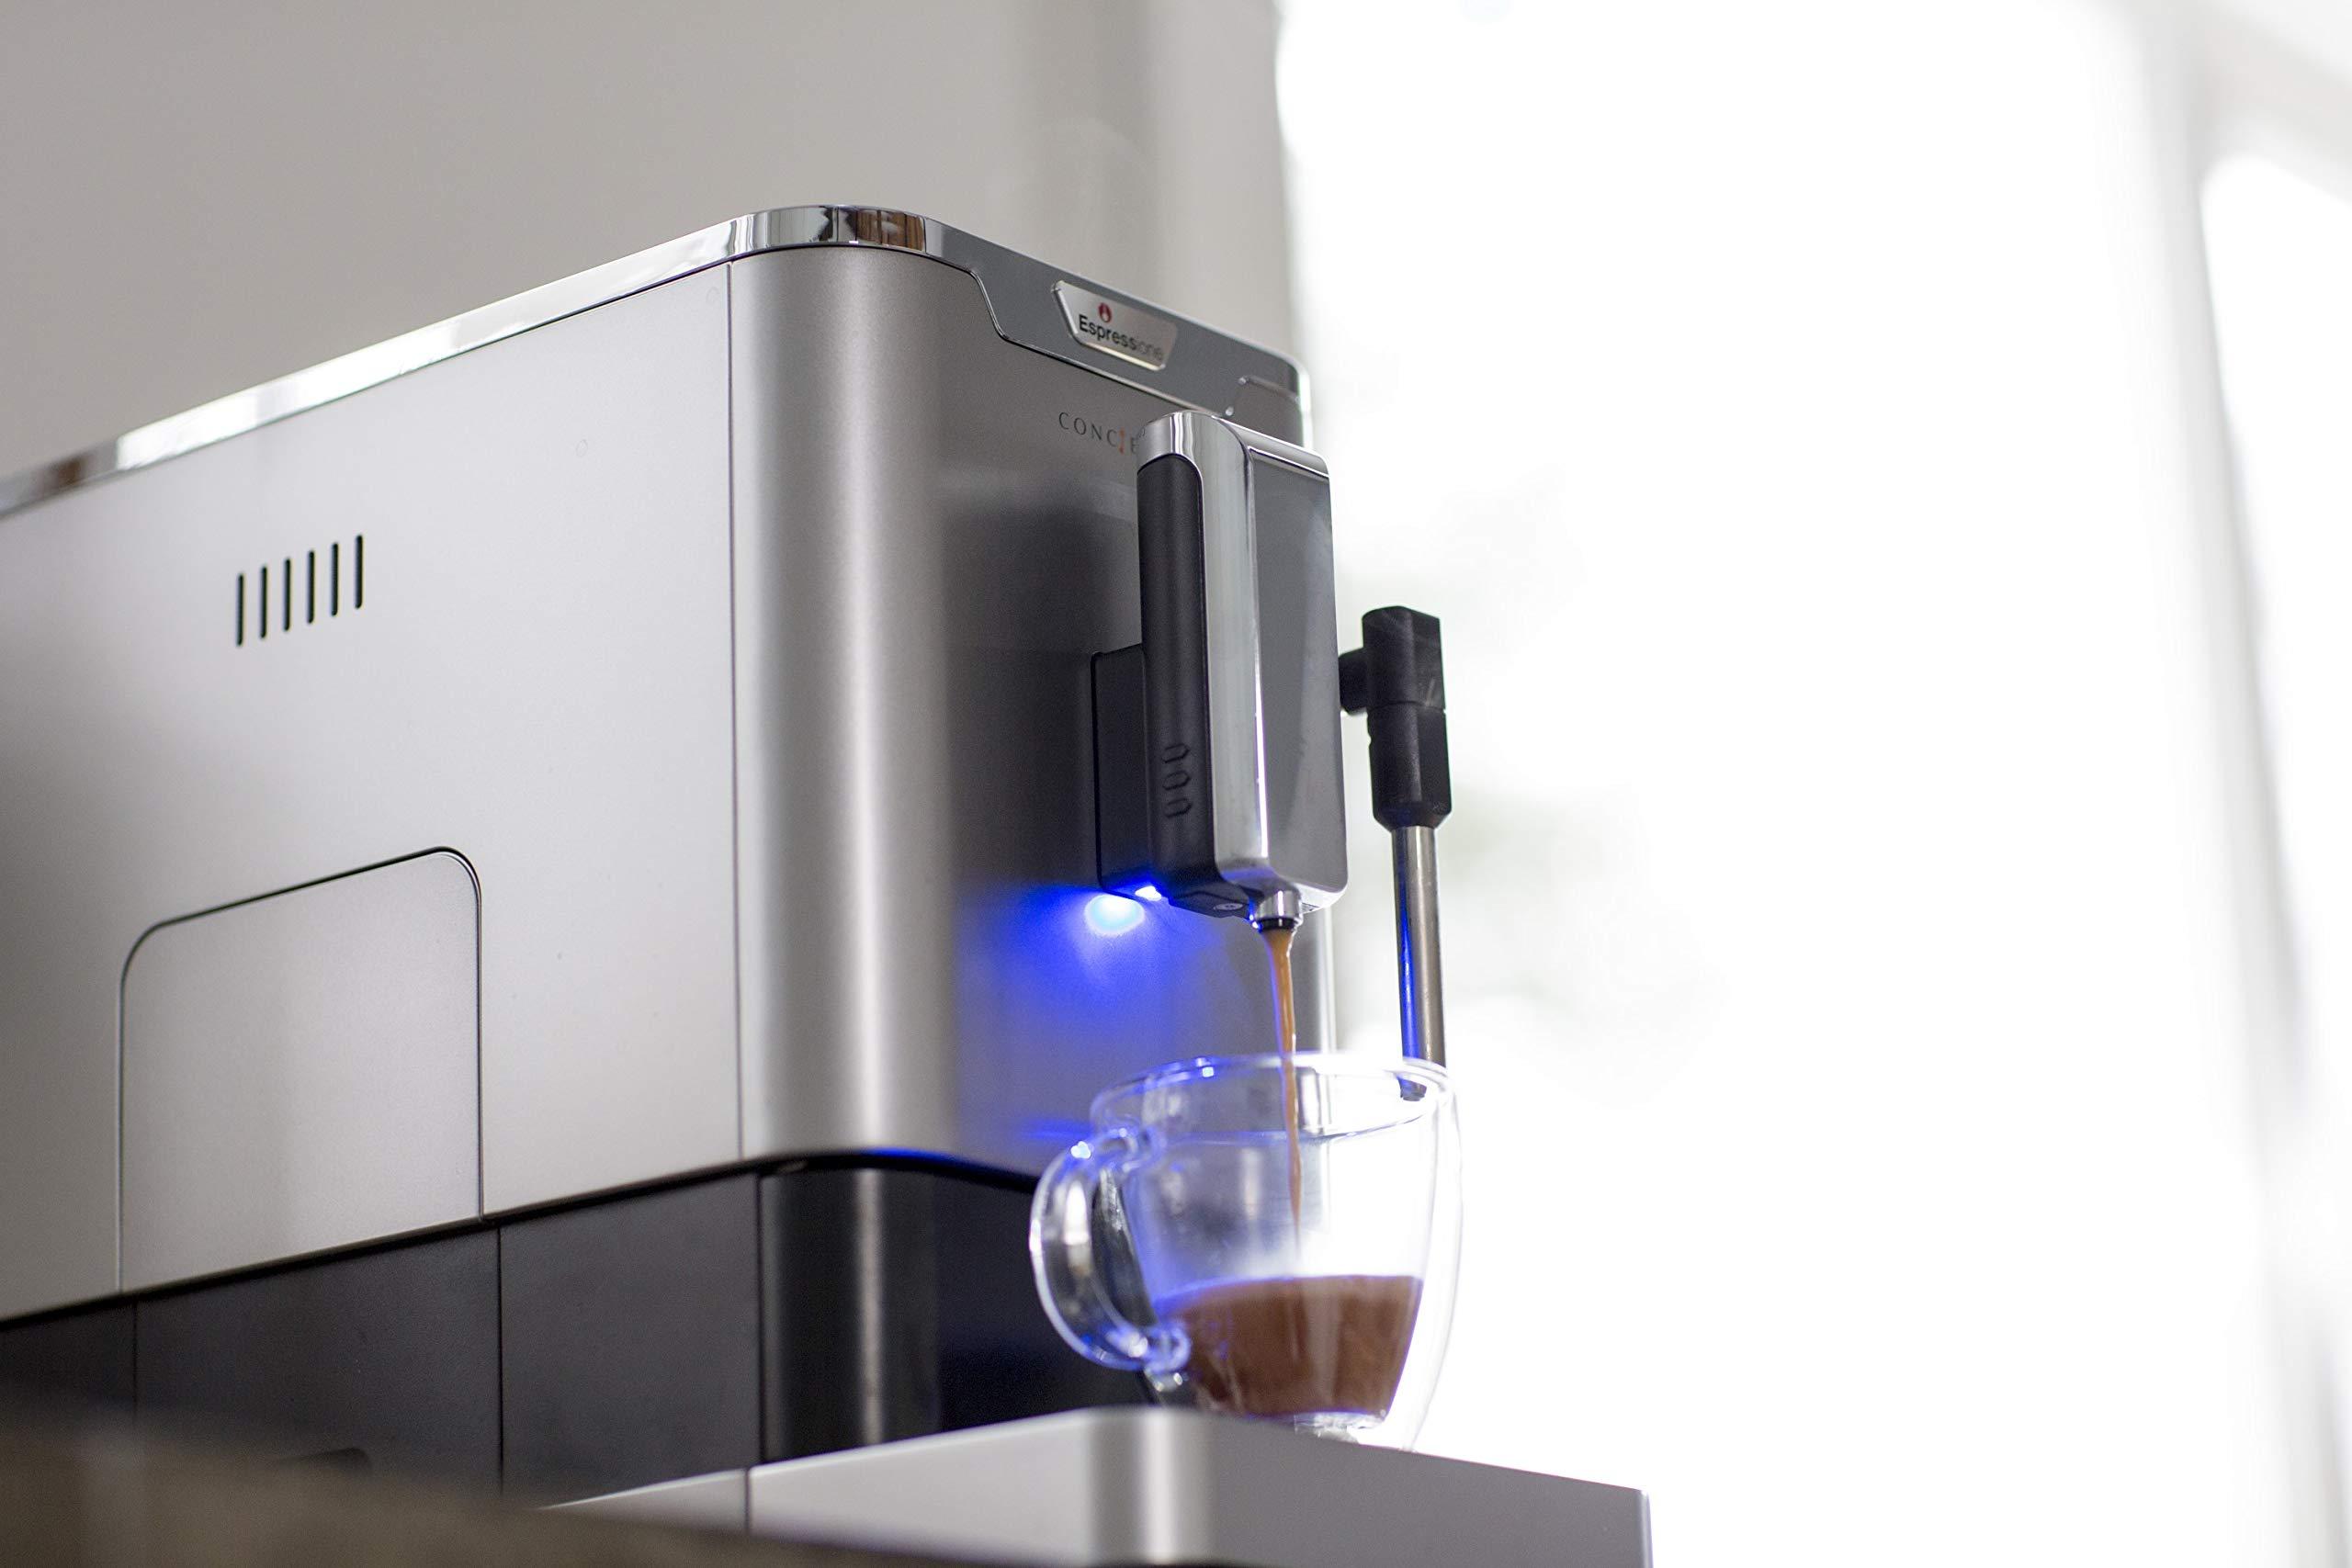 Espressione 8212S Fully Automatic Espresso Machine Silver by Espressione (Image #5)